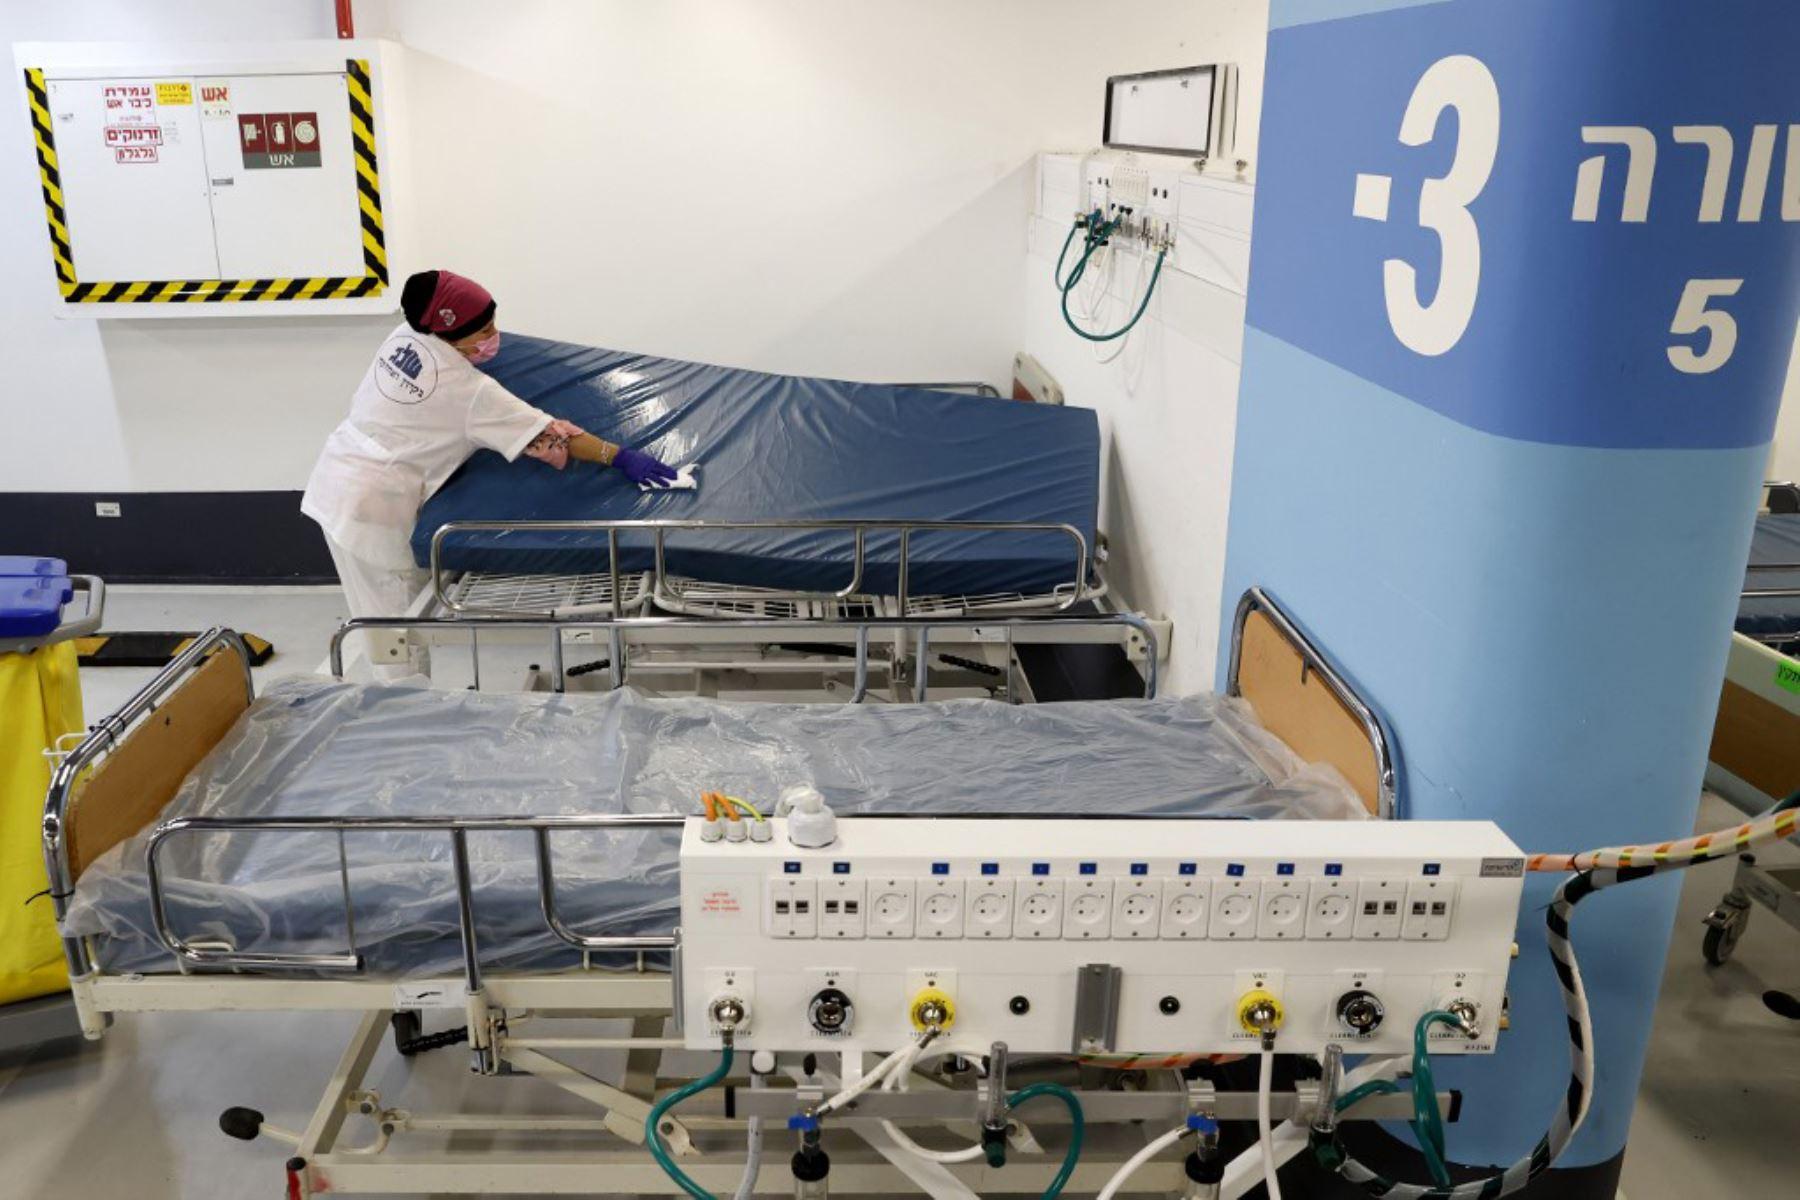 Un trabajador limpia un colchón de cama en el estacionamiento subterráneo del Rambam Health Care Campus, que se transformó en un centro de cuidados intensivos para pacientes con coronavirus, en la ciudad de Haifa, en el norte de Israel. Foto: AFP